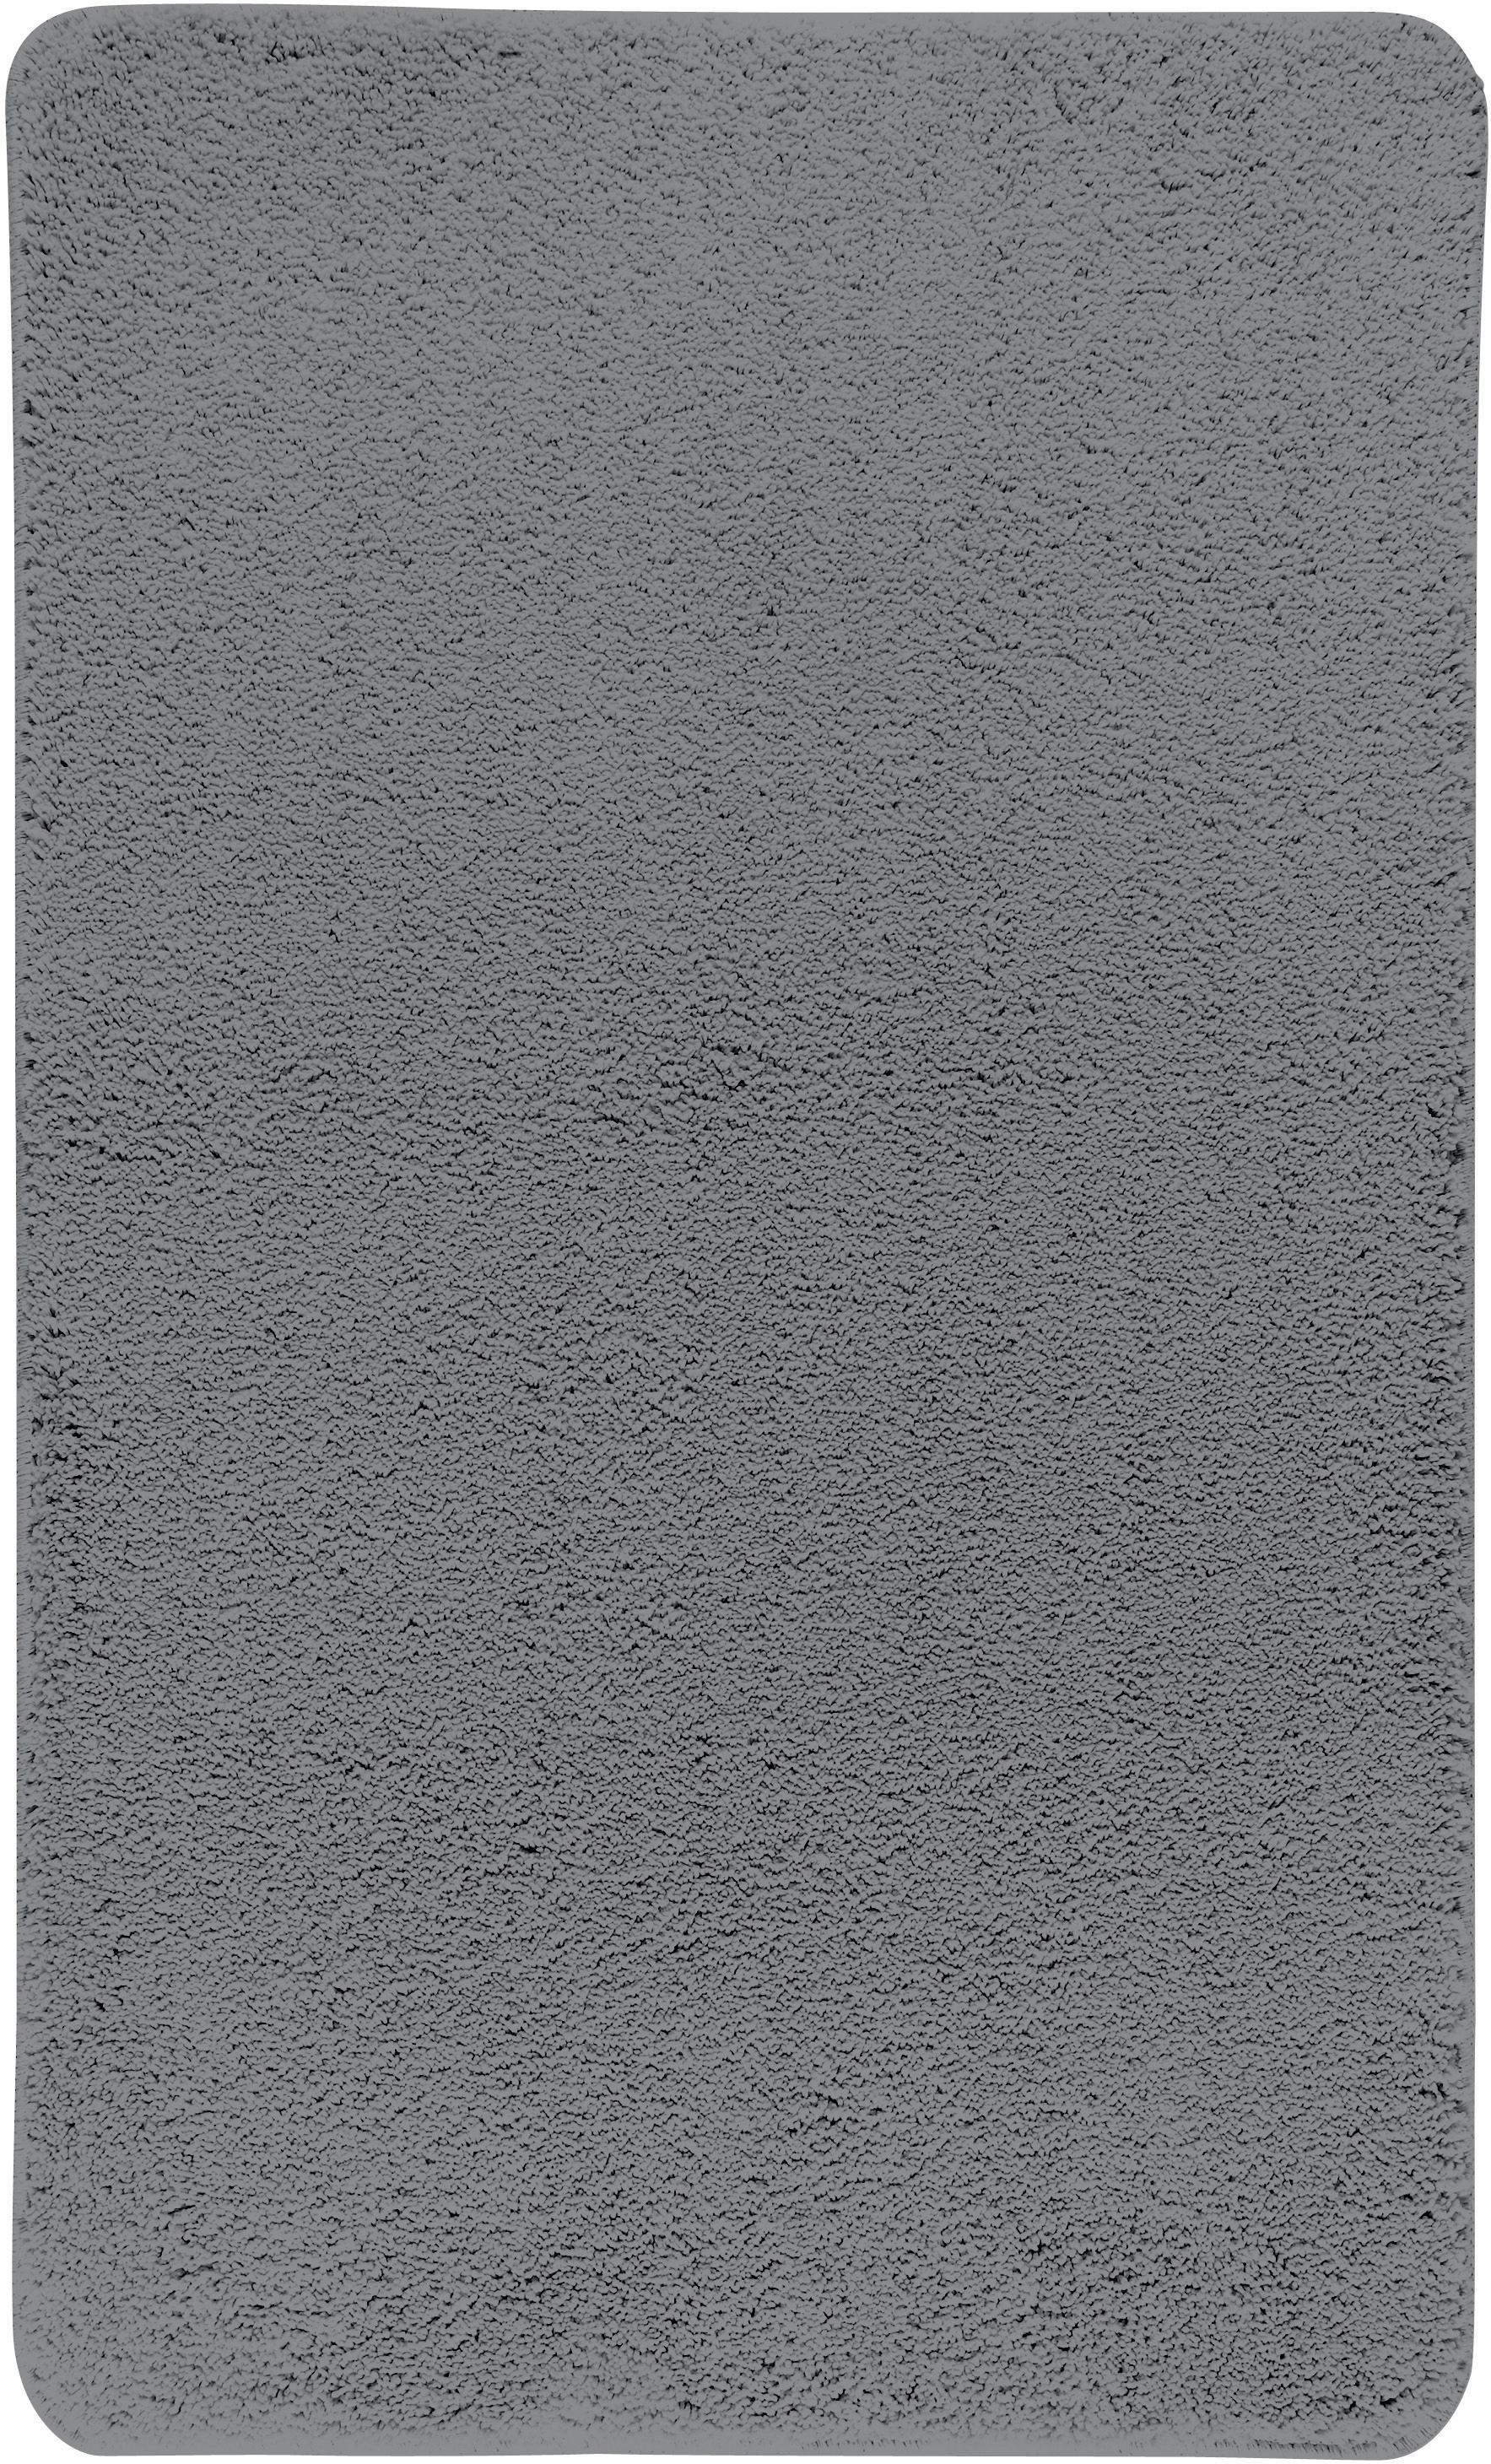 Коврик для ванной Axentia, прямоугольный, цвет: серый, 60 х 100 см116074Коврик для ванной комнаты из микрофибры, прямоугольный, большой 60х100 см. Высота ворса 1,5 см, стеганный. Противоскользящее основание изготовлено из термопластичной резины и подходит для полов с подогревом. Коврик мягкий и приятный на ощупь, отлично впитывает влагу и быстро сохнет. Можно стирать в стиральной машине. Высокая износостойкость коврика и стойкость цвета позволит вам наслаждаться покупкой долгие годы. Широкая гамма расцветок ковриков Axentia удовлетворит самый притязательный вкус.